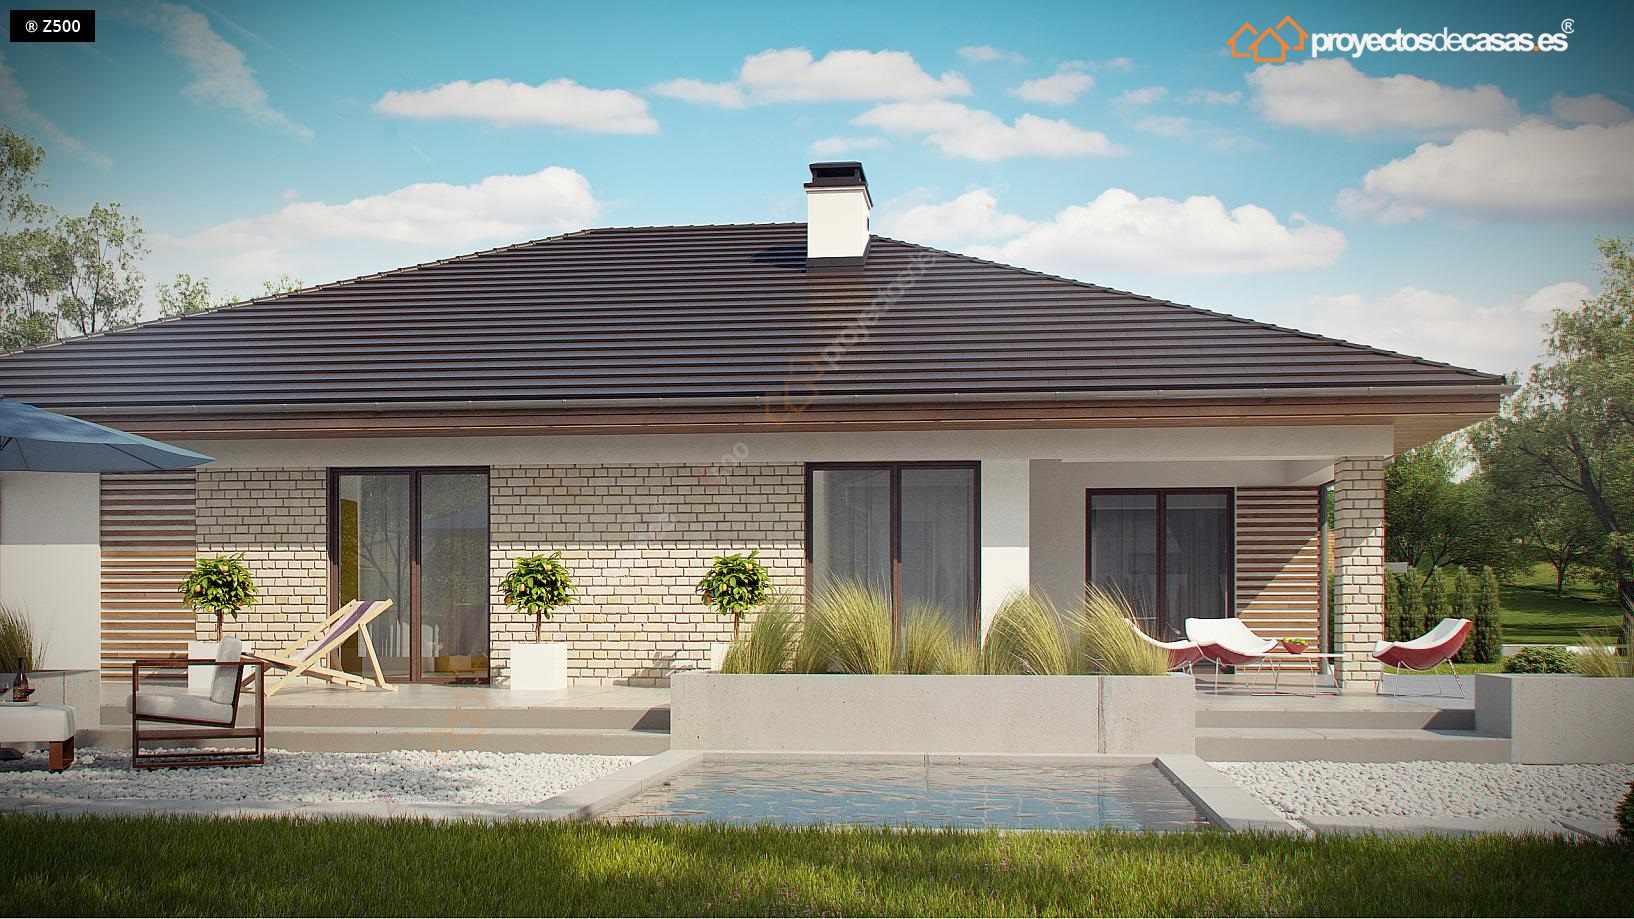 Proyectos de casas casa tradicional proyectosdecasas for Distribucion de una casa de una planta